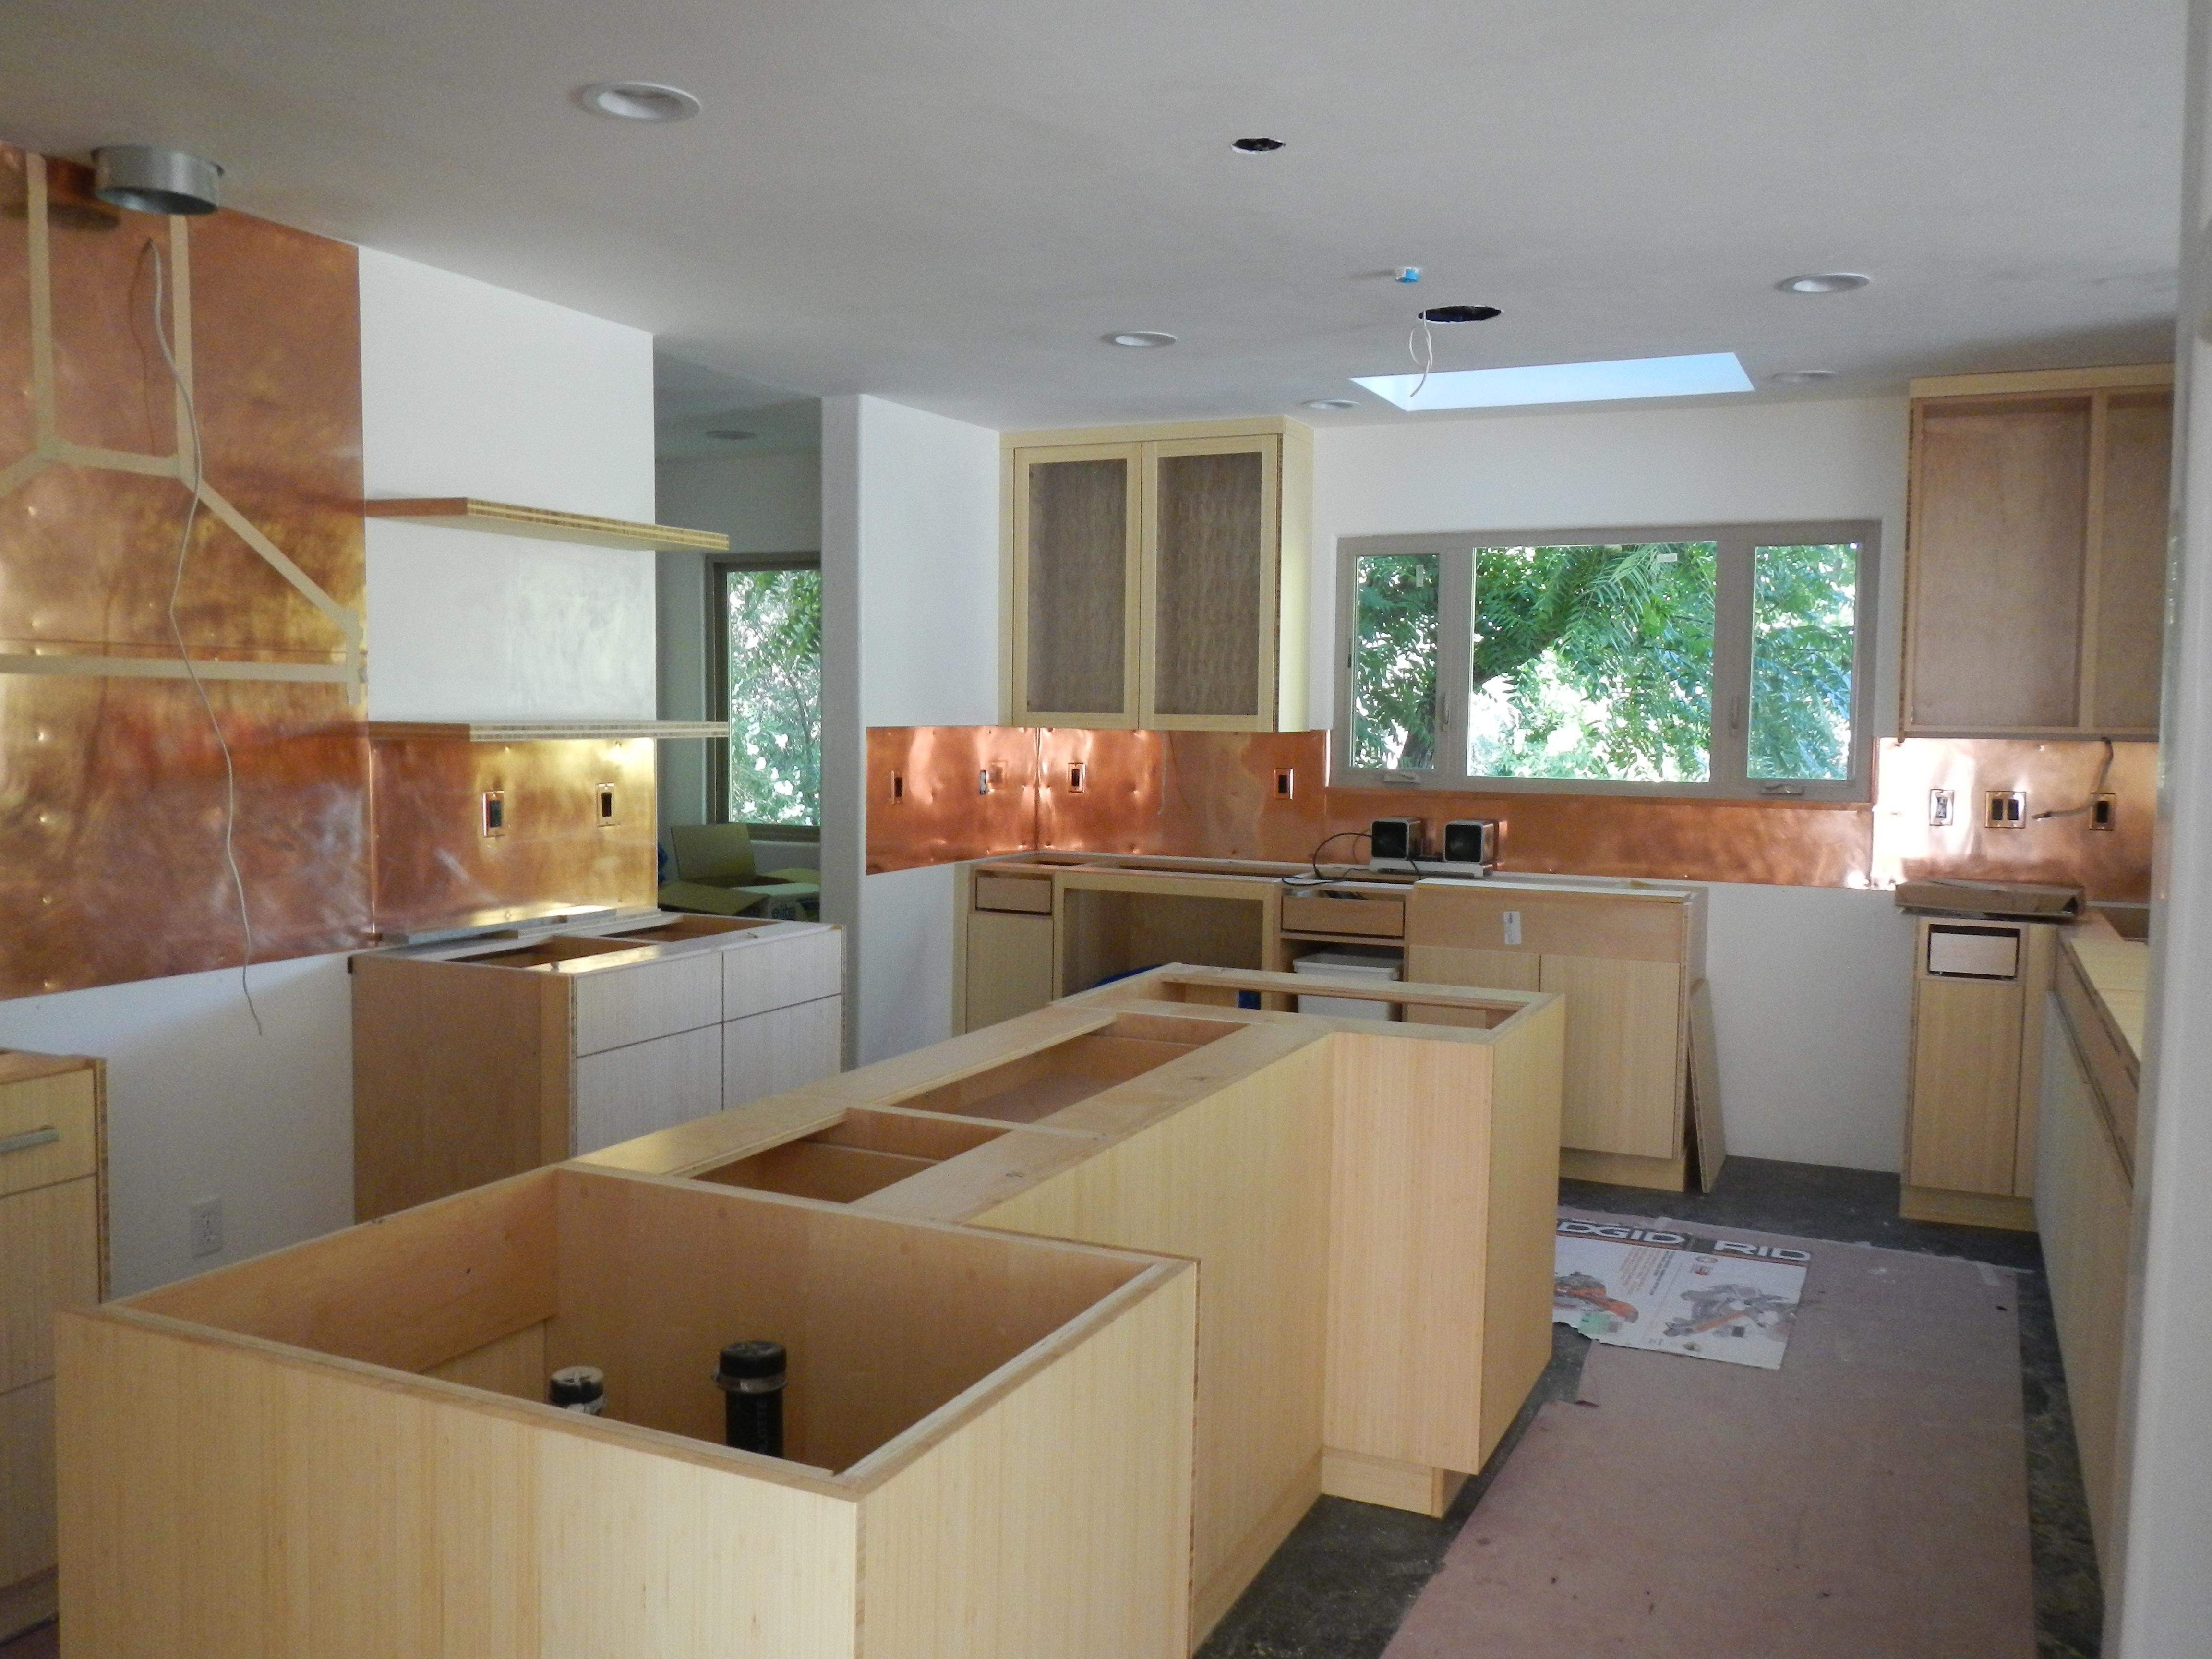 Images of Kitchen Backsplashes